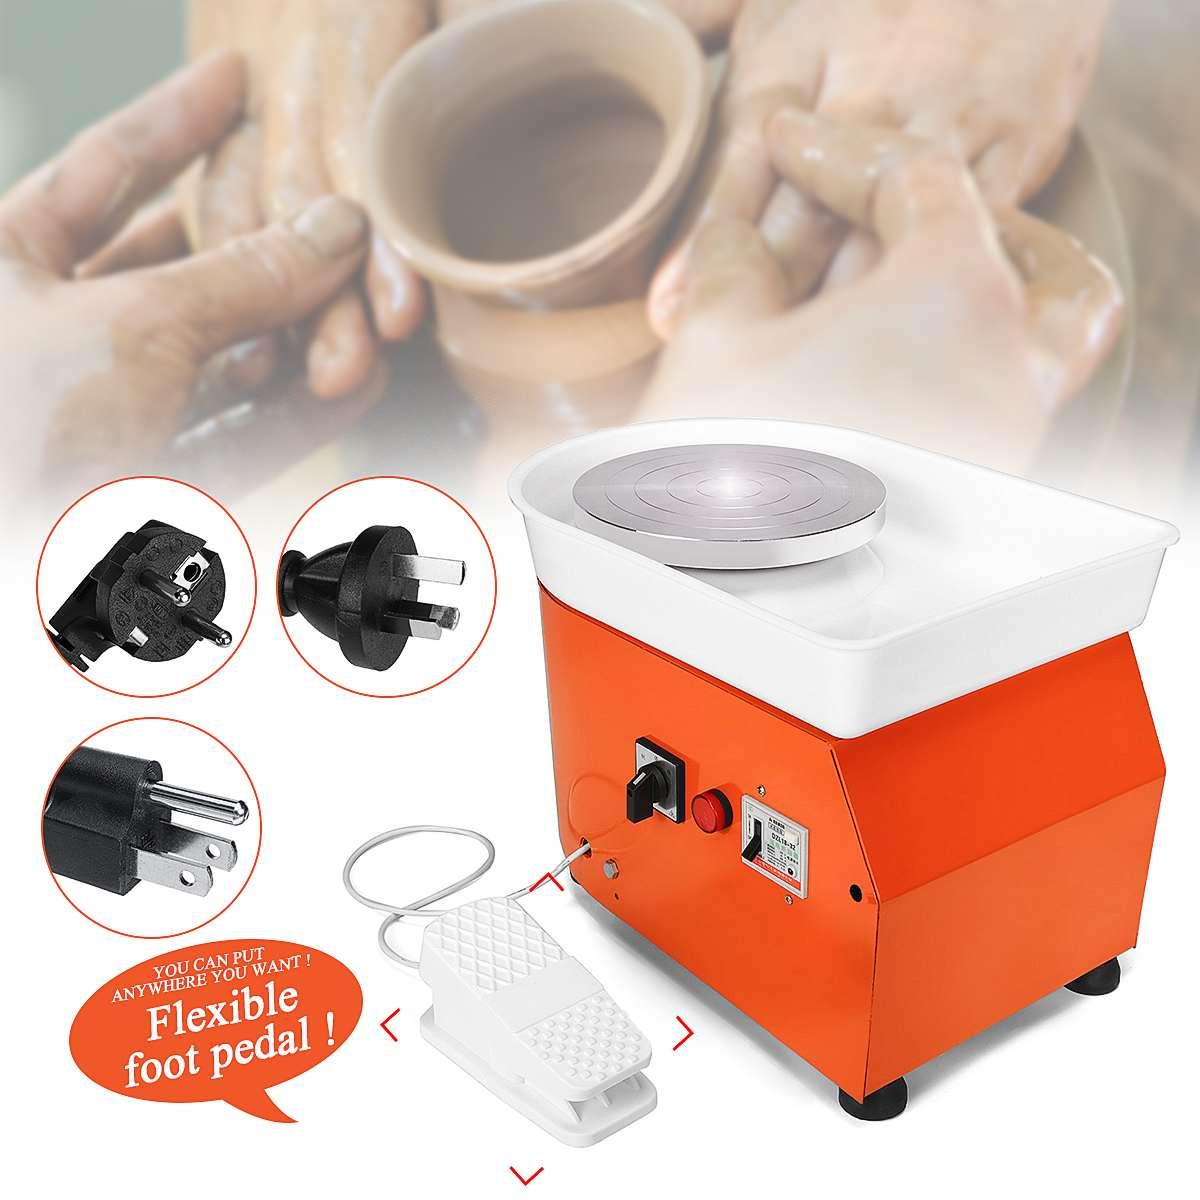 25 cm AC 110 V/220 V poterie roue Machine céramique travail céramique argile Art avec pédale Mobile 42x52x35 cm métal + alliage d'aluminium - 3